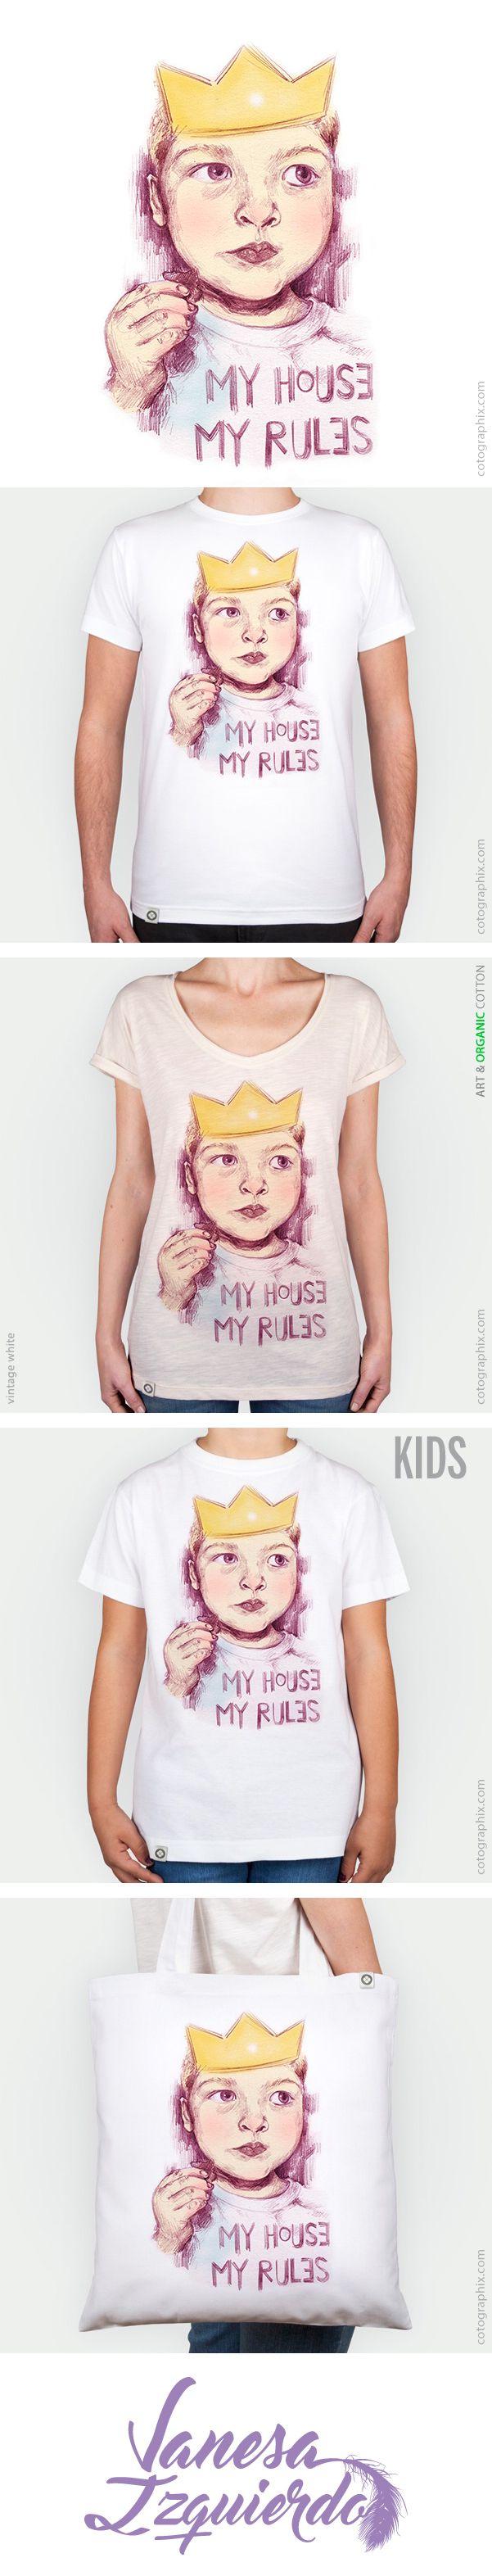 My House My Rules Diseño disponible en Cotógraphix https://cotographix.com/es/artistas/artista/vanesaizquierdo/ Ilustración original de Vanesa Izquierdo